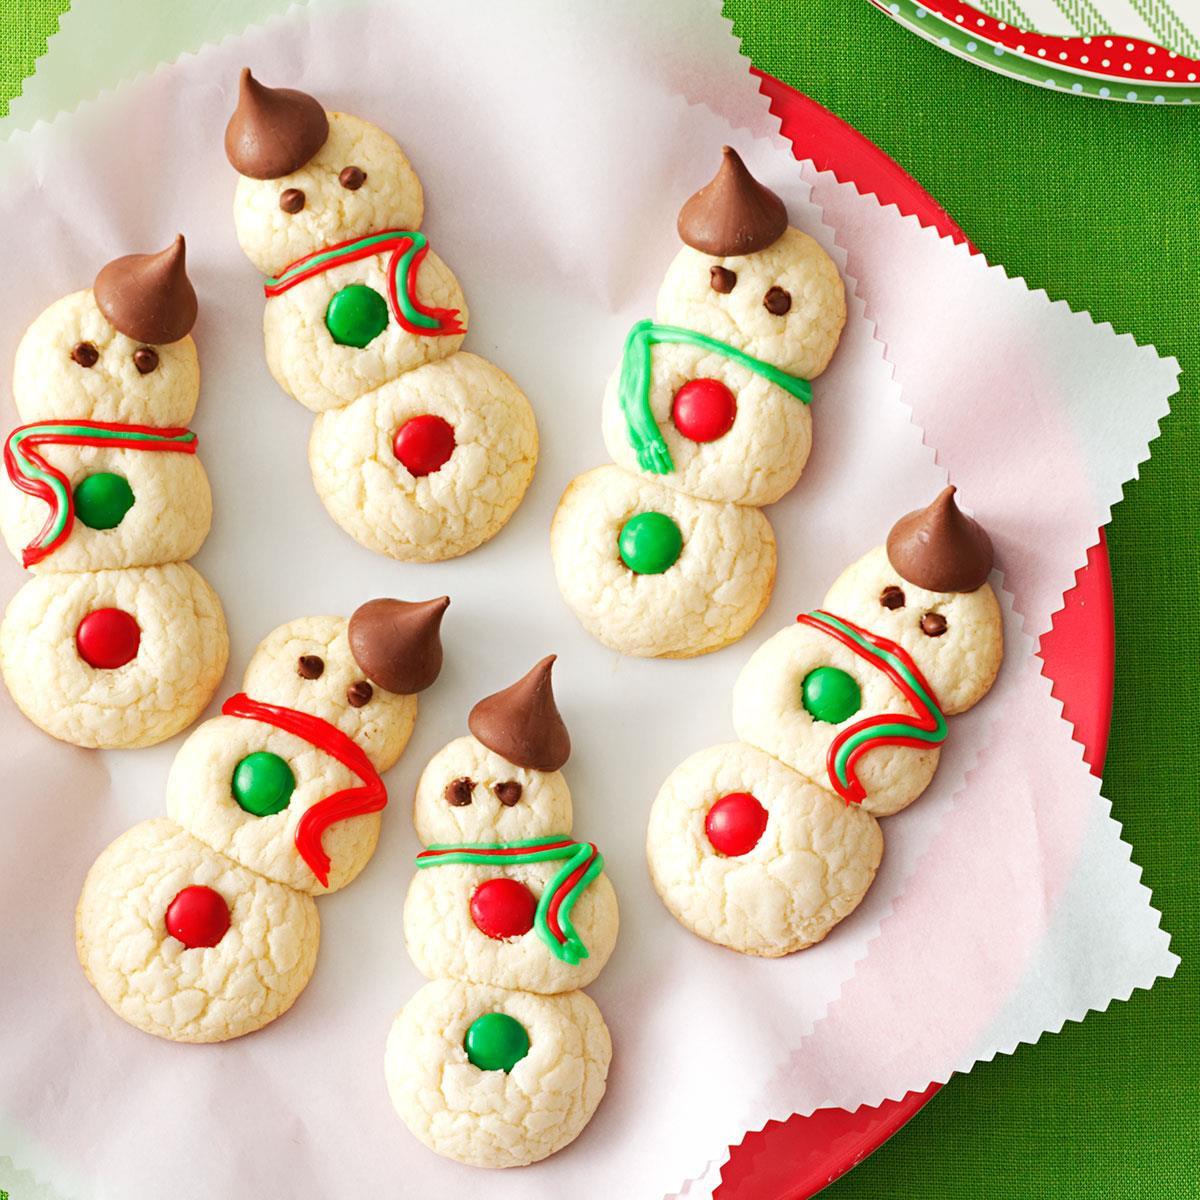 Best Tasting Christmas Cookies  Snowman Cookies Recipe